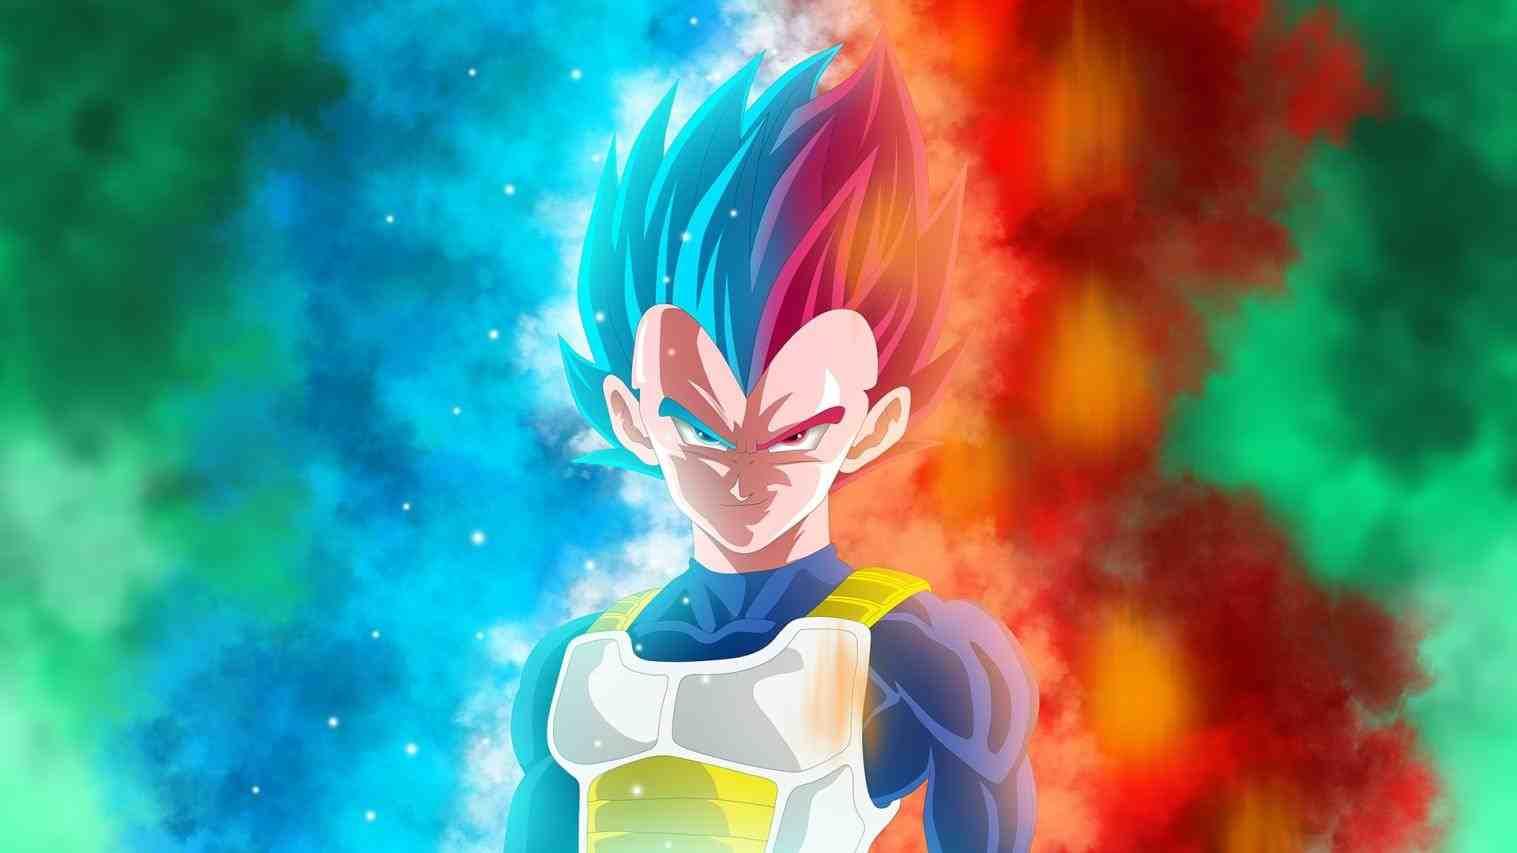 1080x1920 Goku Super Saiyan God Wallpaper For IPhone